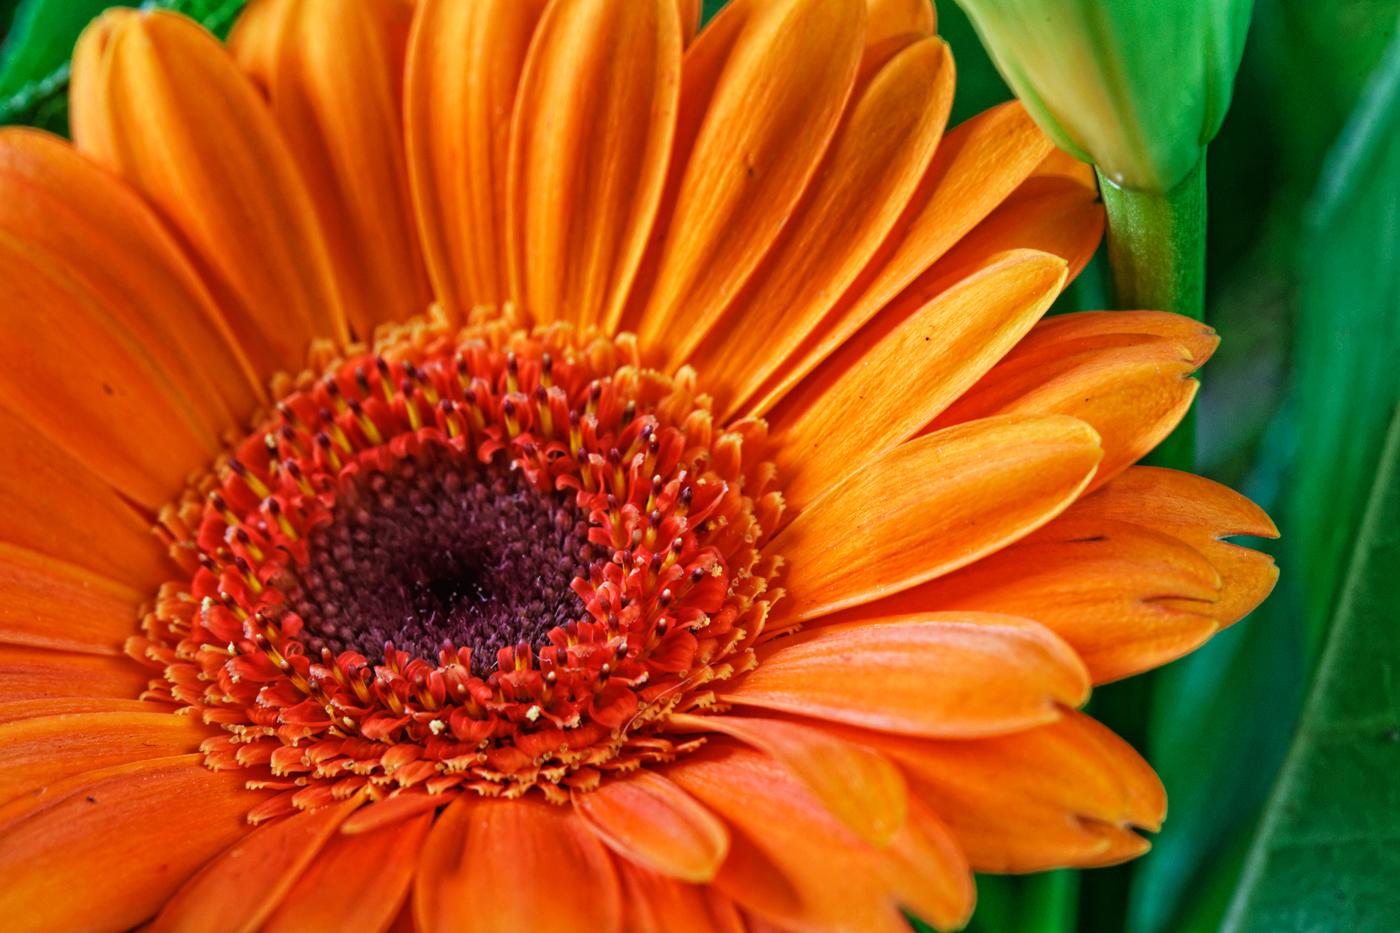 Des fleurs dans un bouquet - Photographies